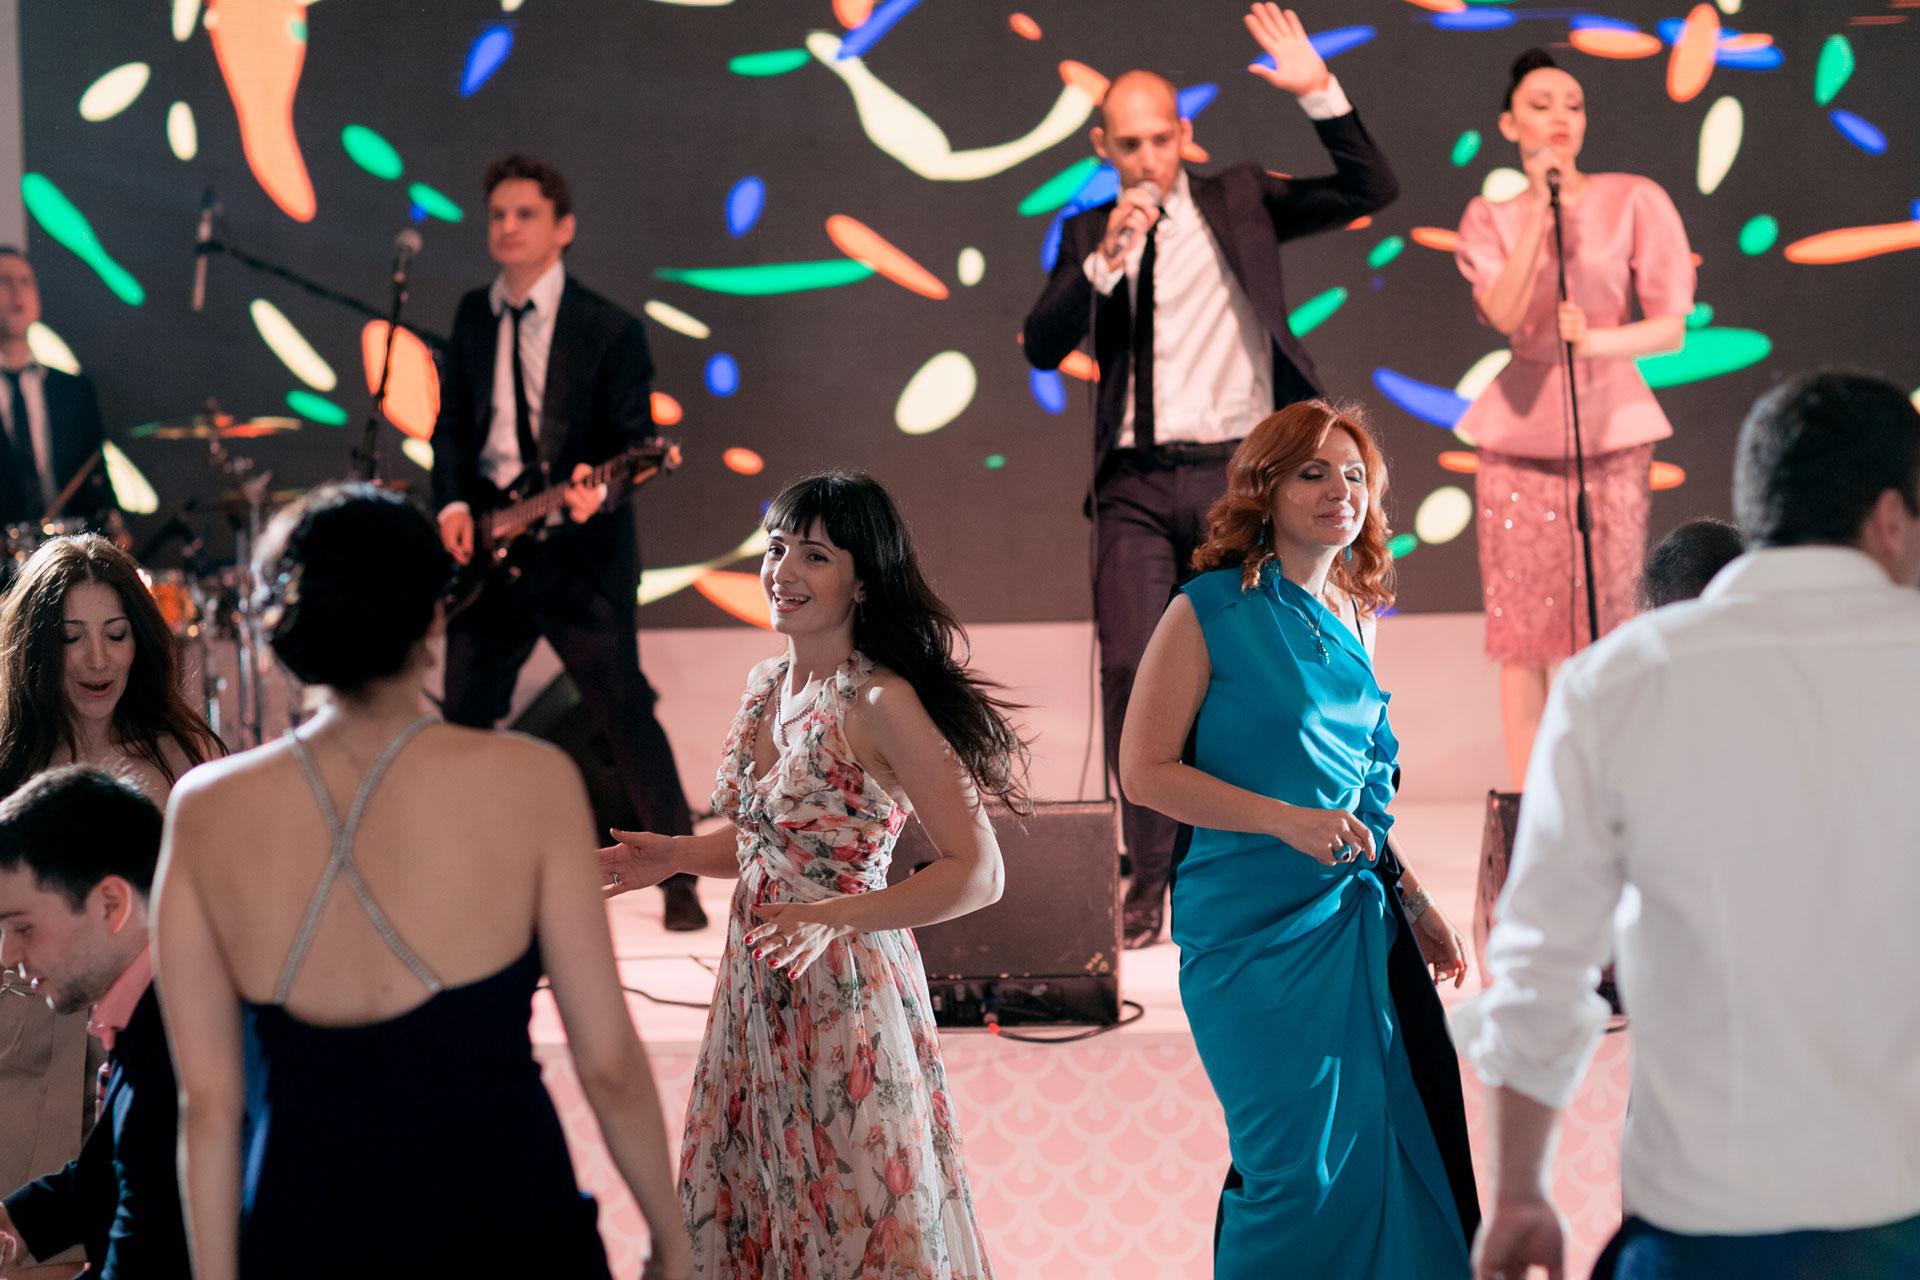 В стиле Guerlain. Свадьба Пако и Амины фото 23